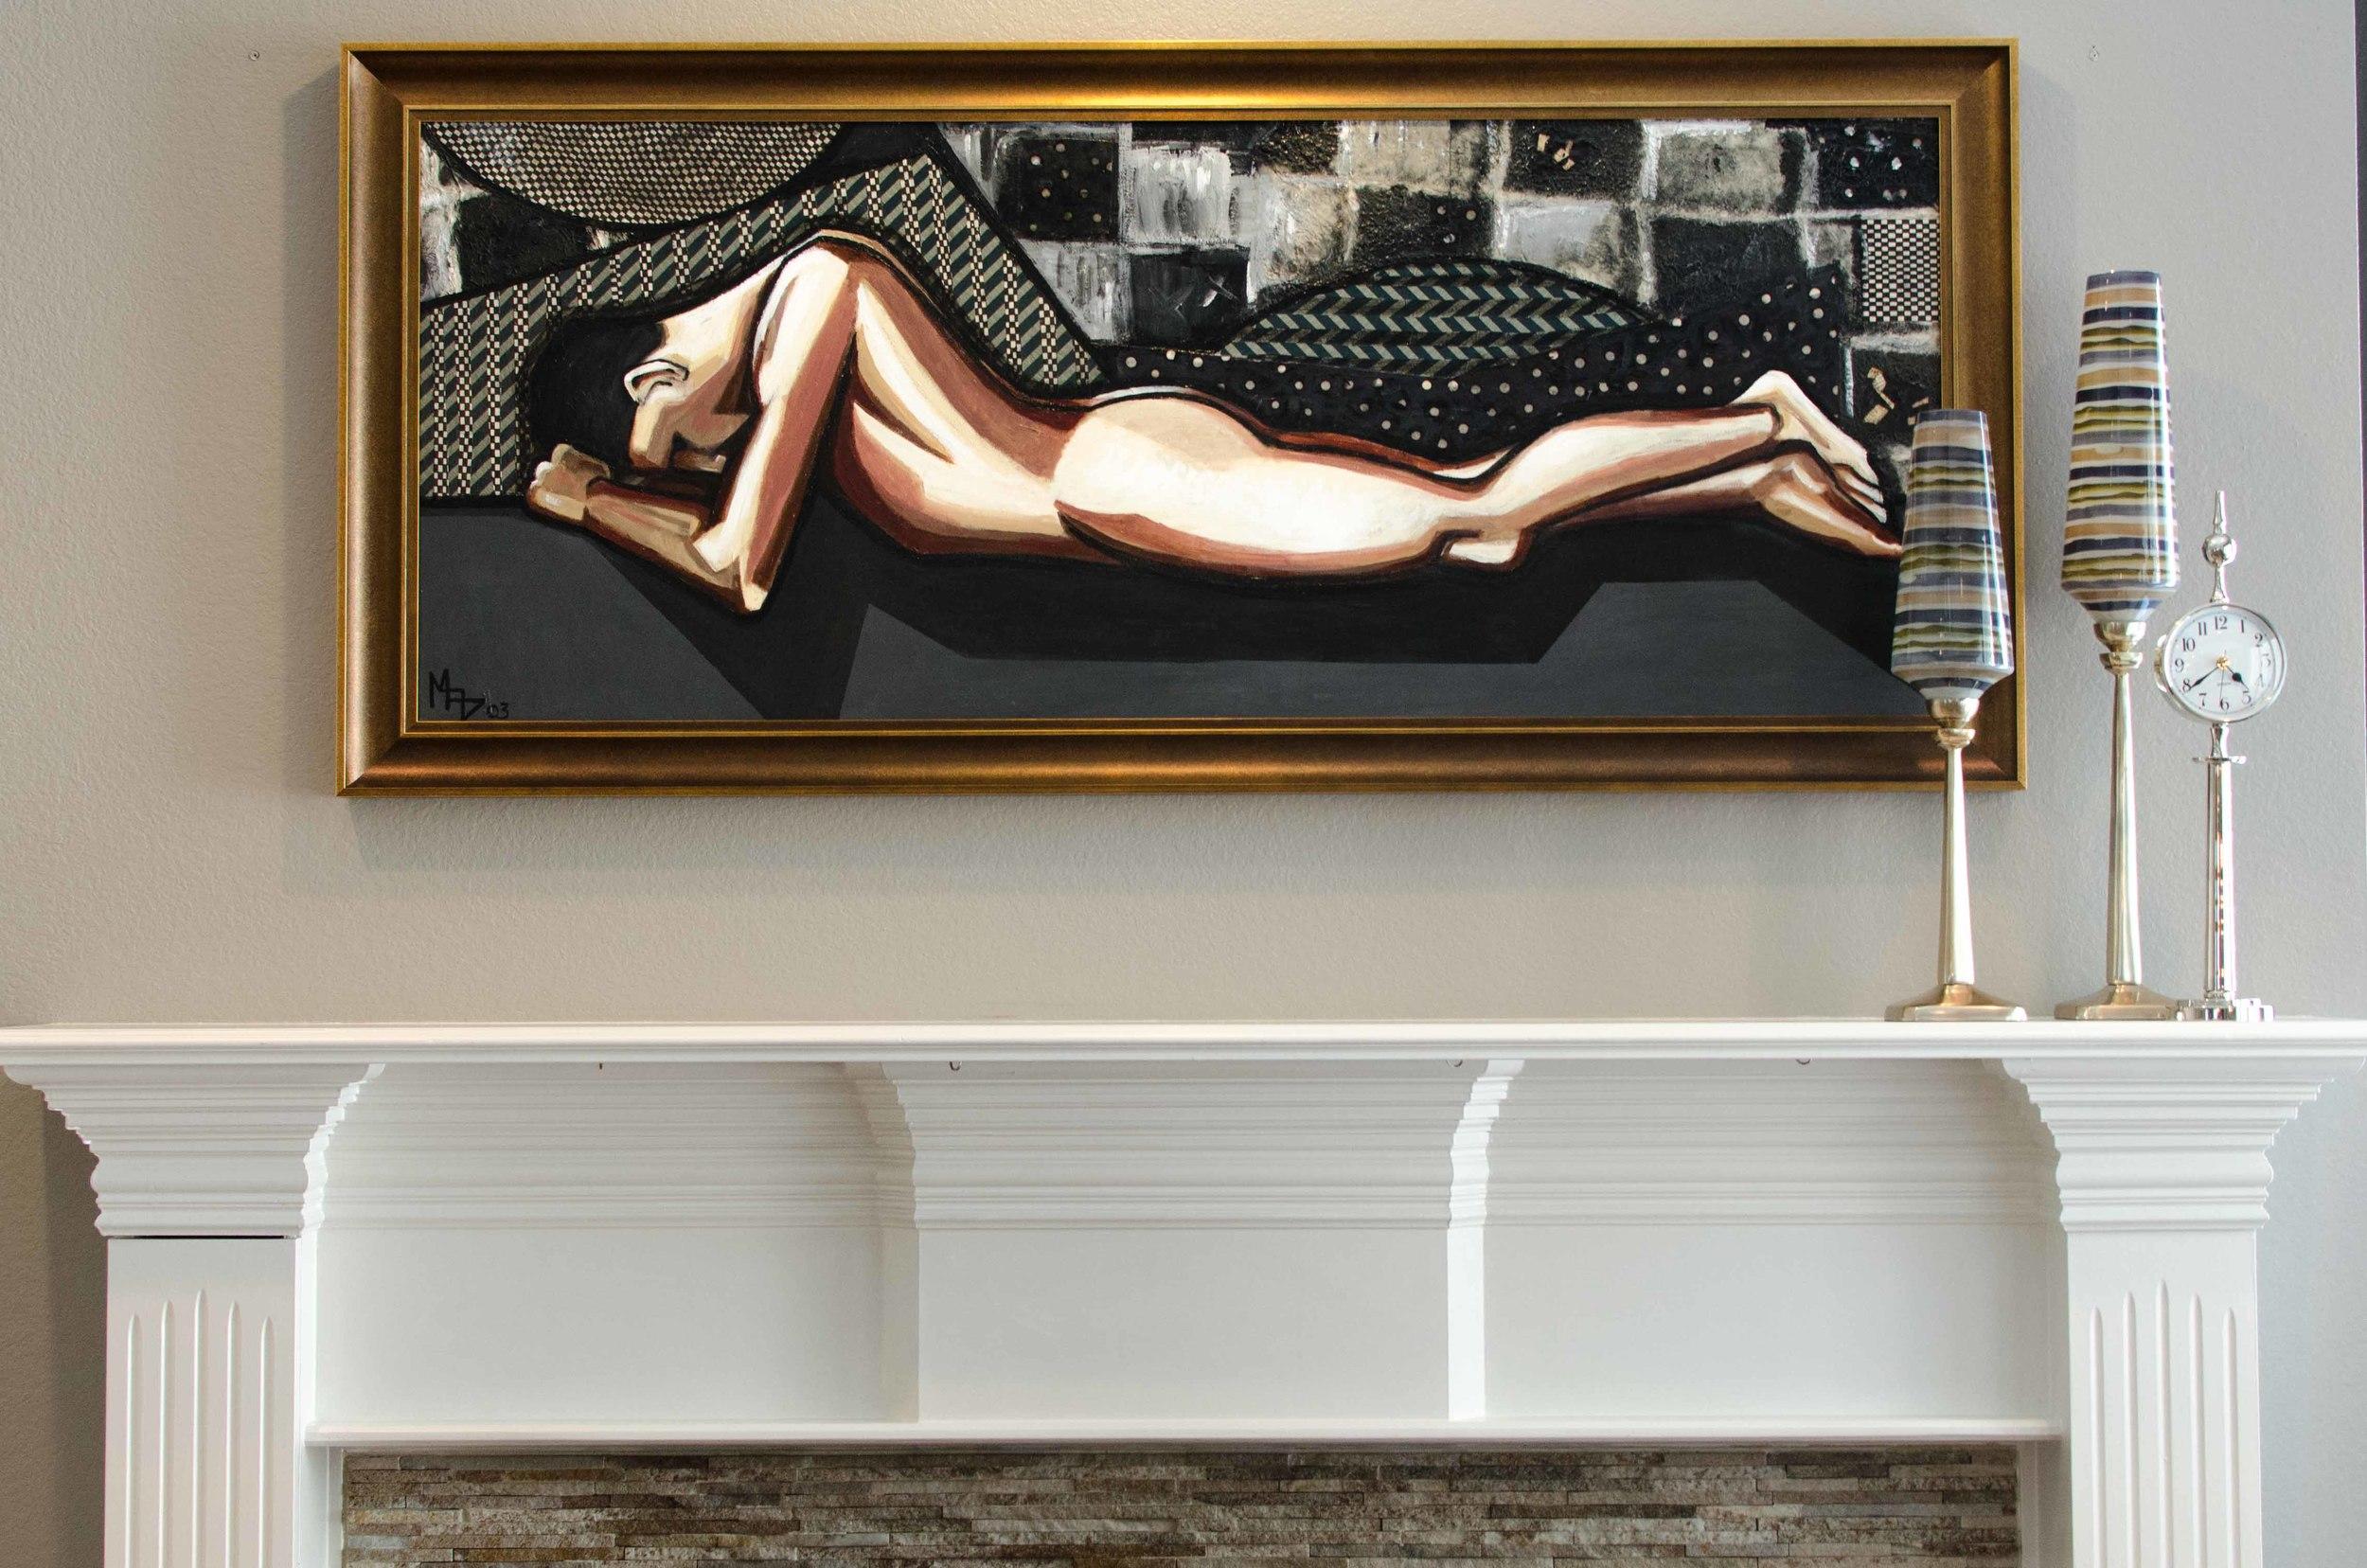 Male nude original modern art piece